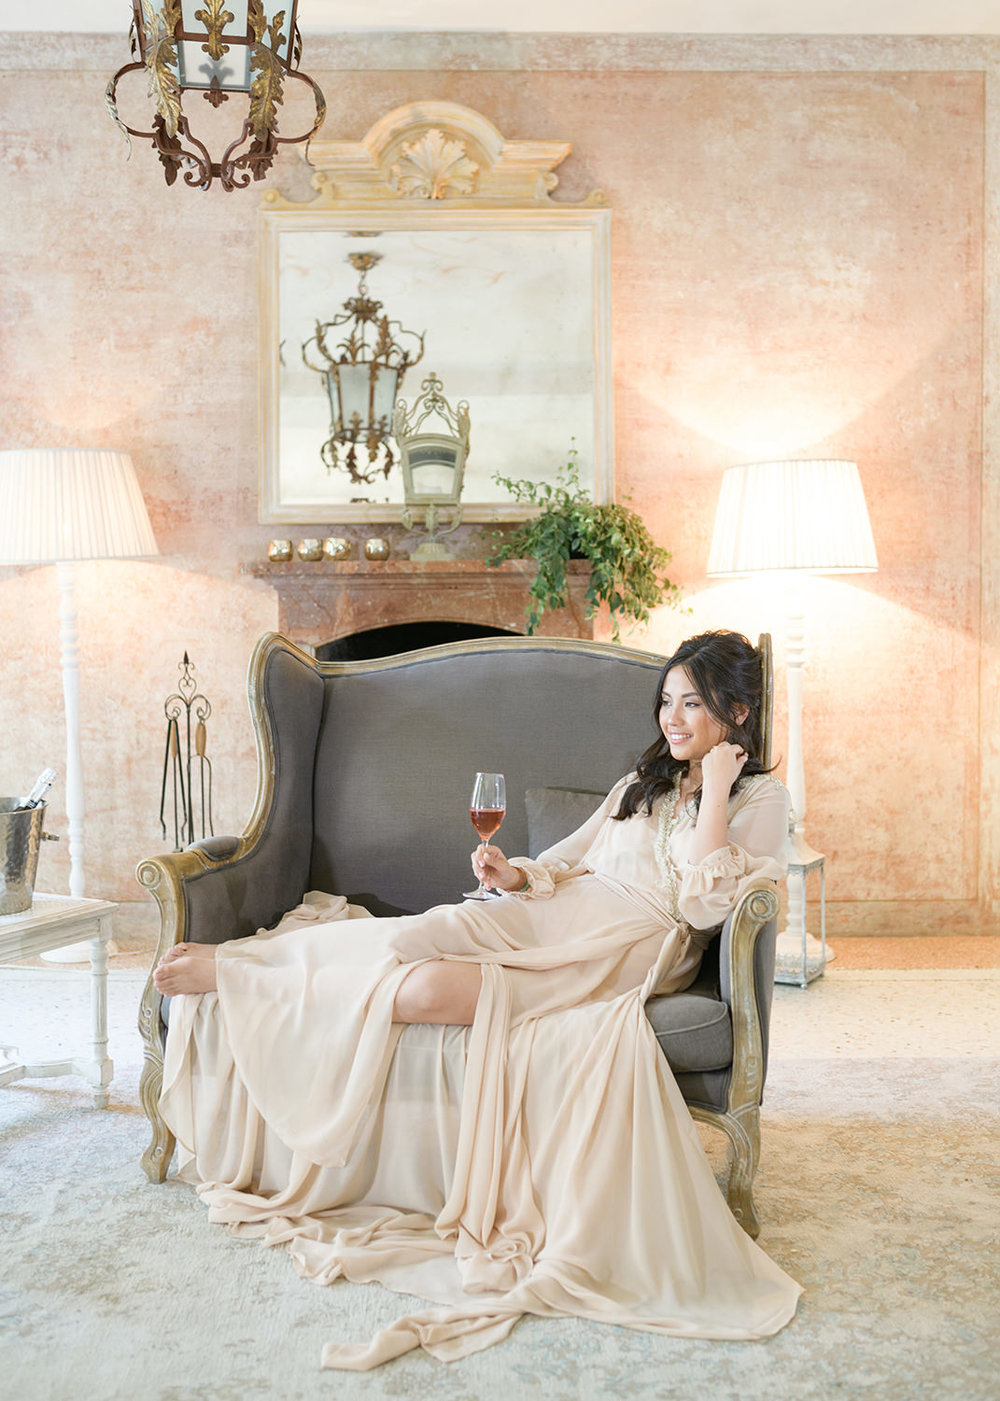 villa-regina-teodolinda-wedding-photographer-C&B-©bottega53-29.JPG